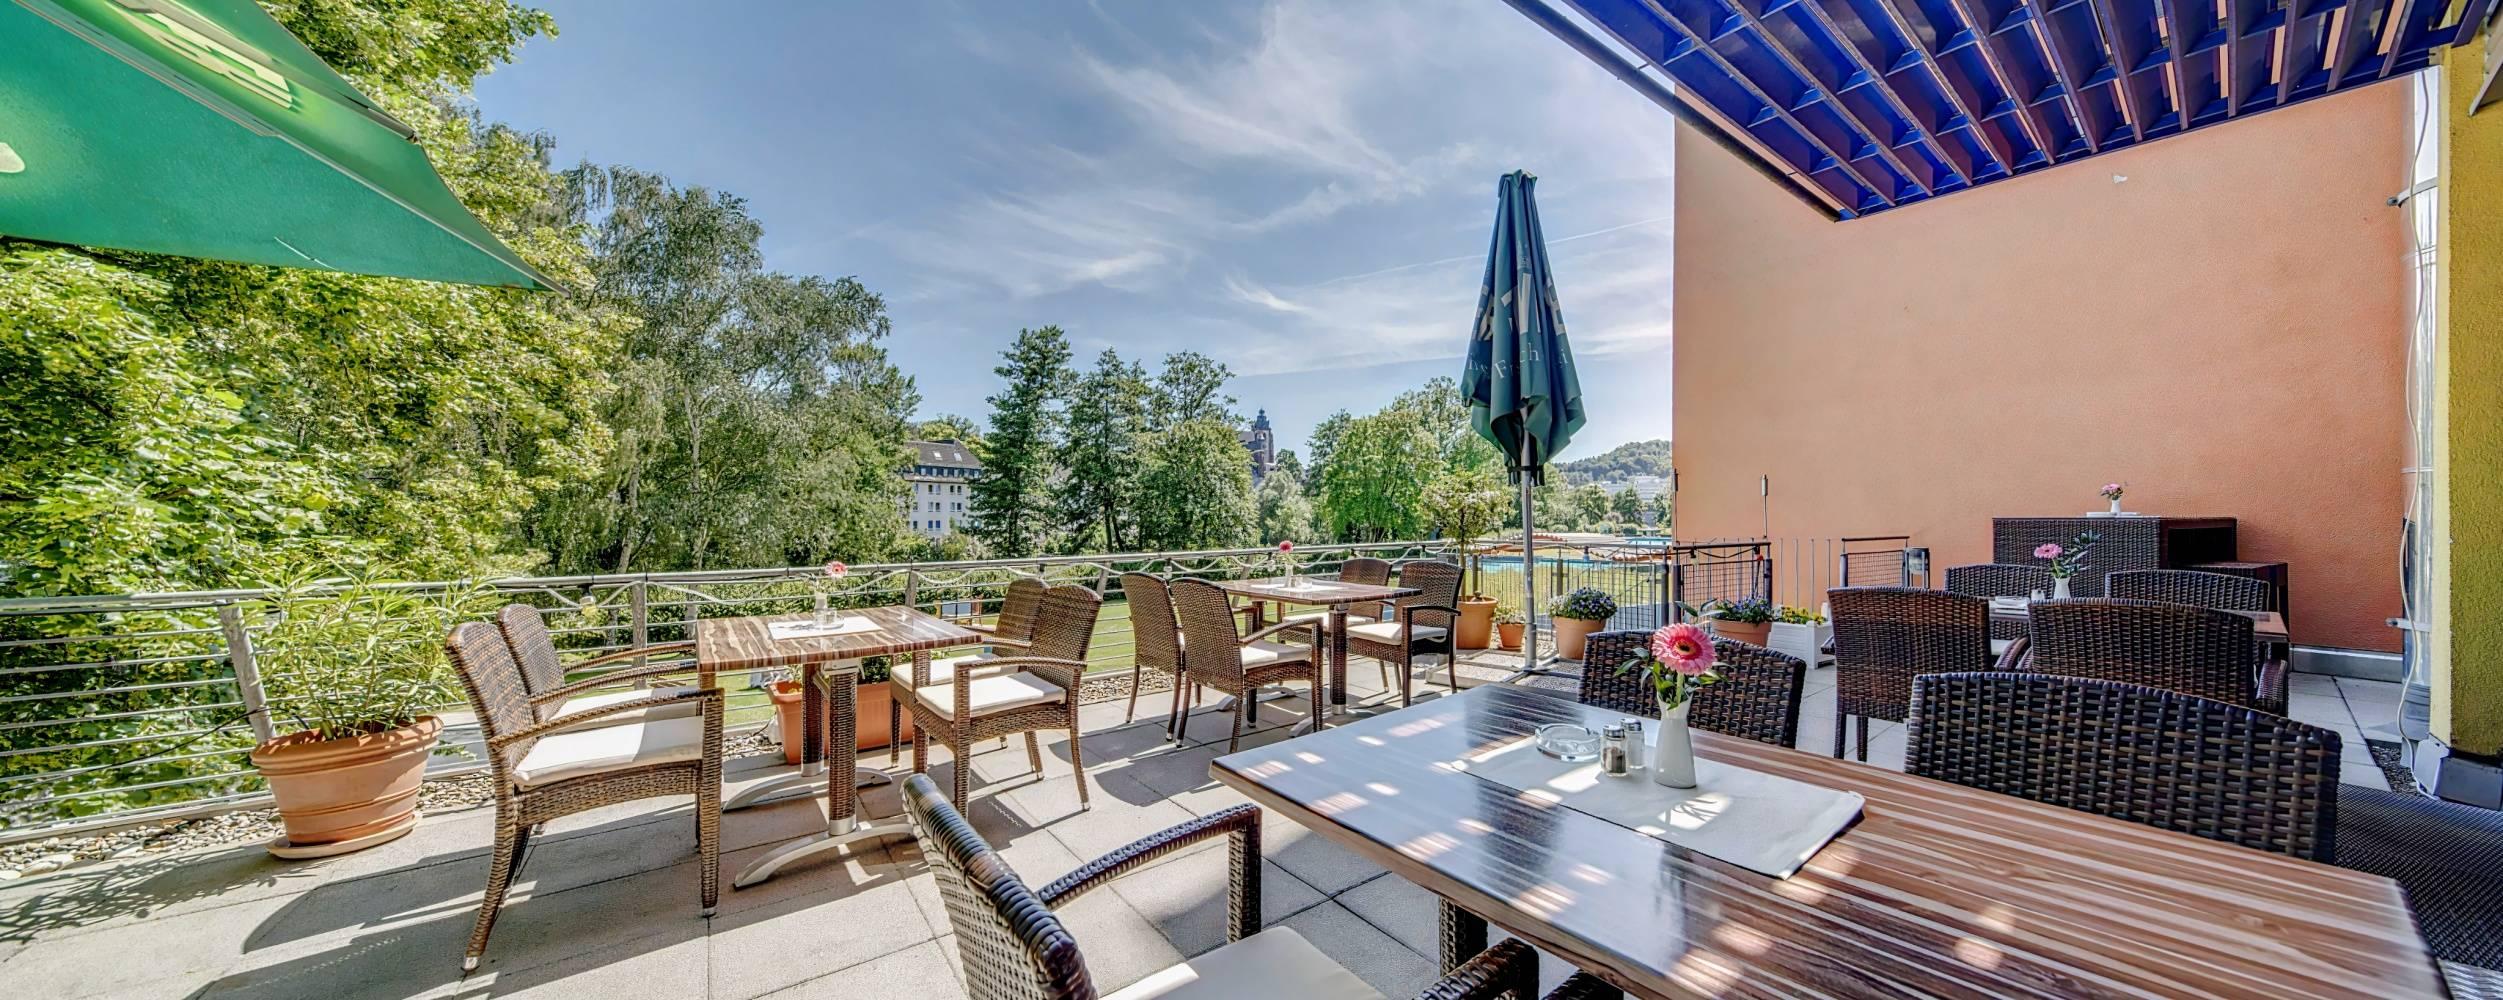 Best Western Hotel Wetzlar